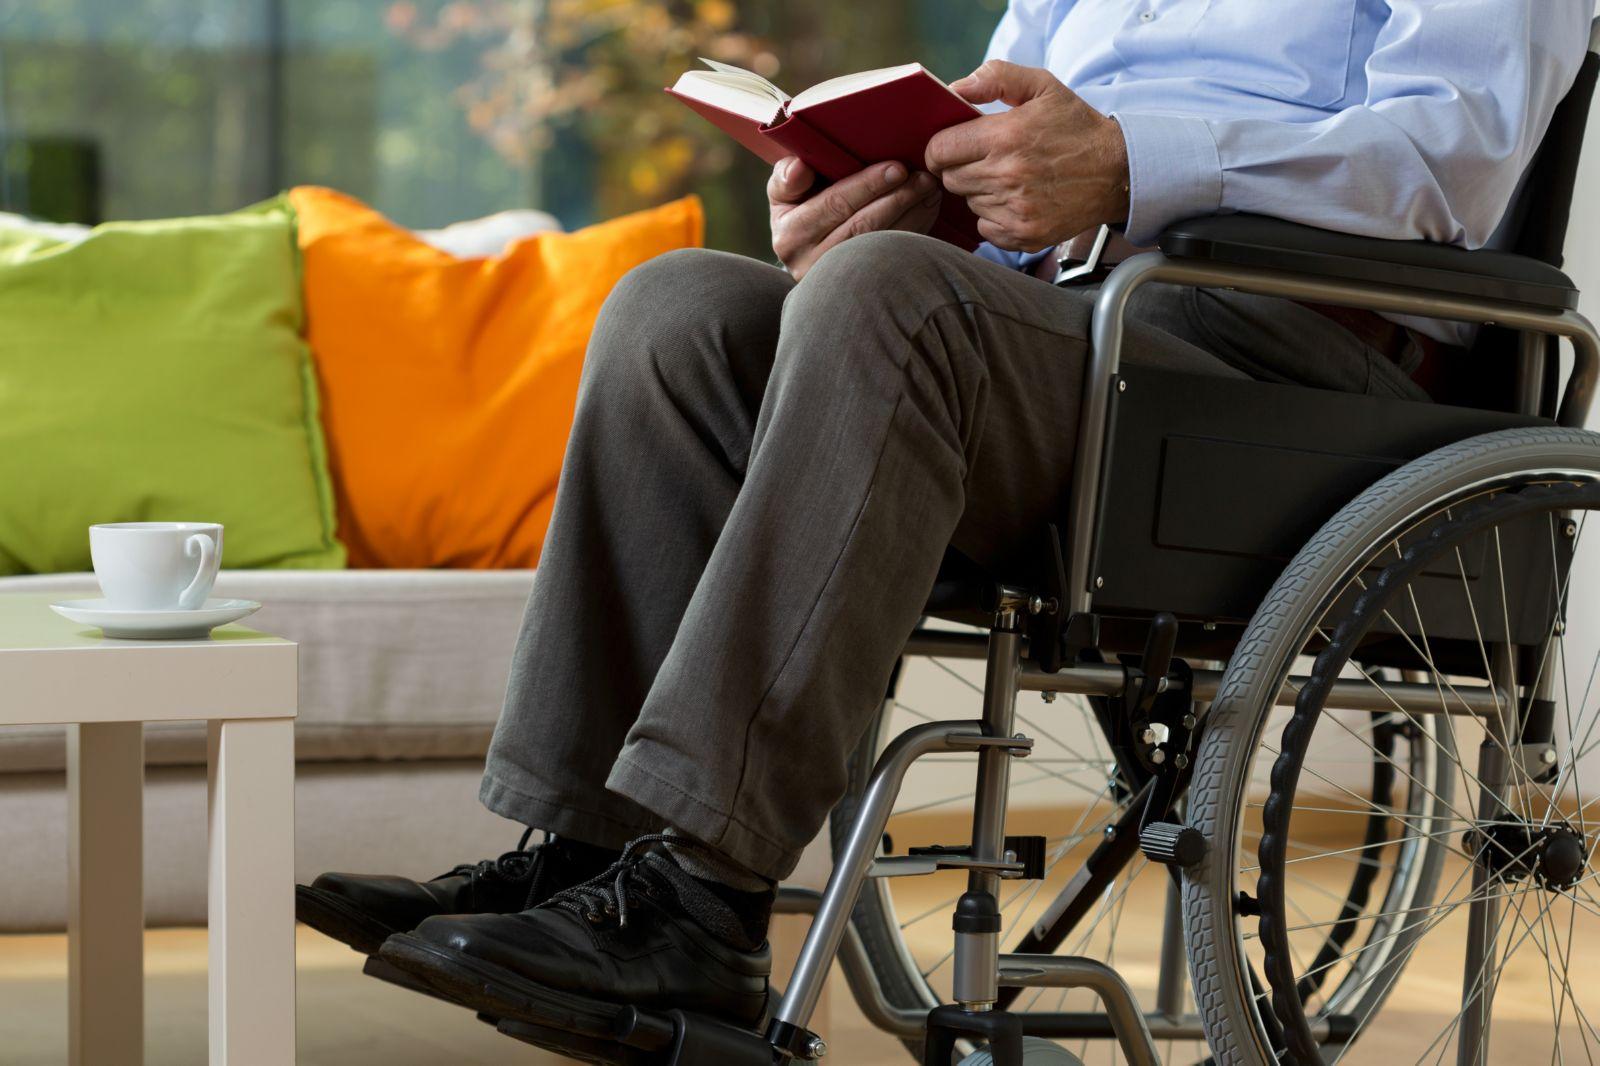 Пенсия по инвалидности 1, 2, 3 группы в Москве: сколько и как получить в 2021 году